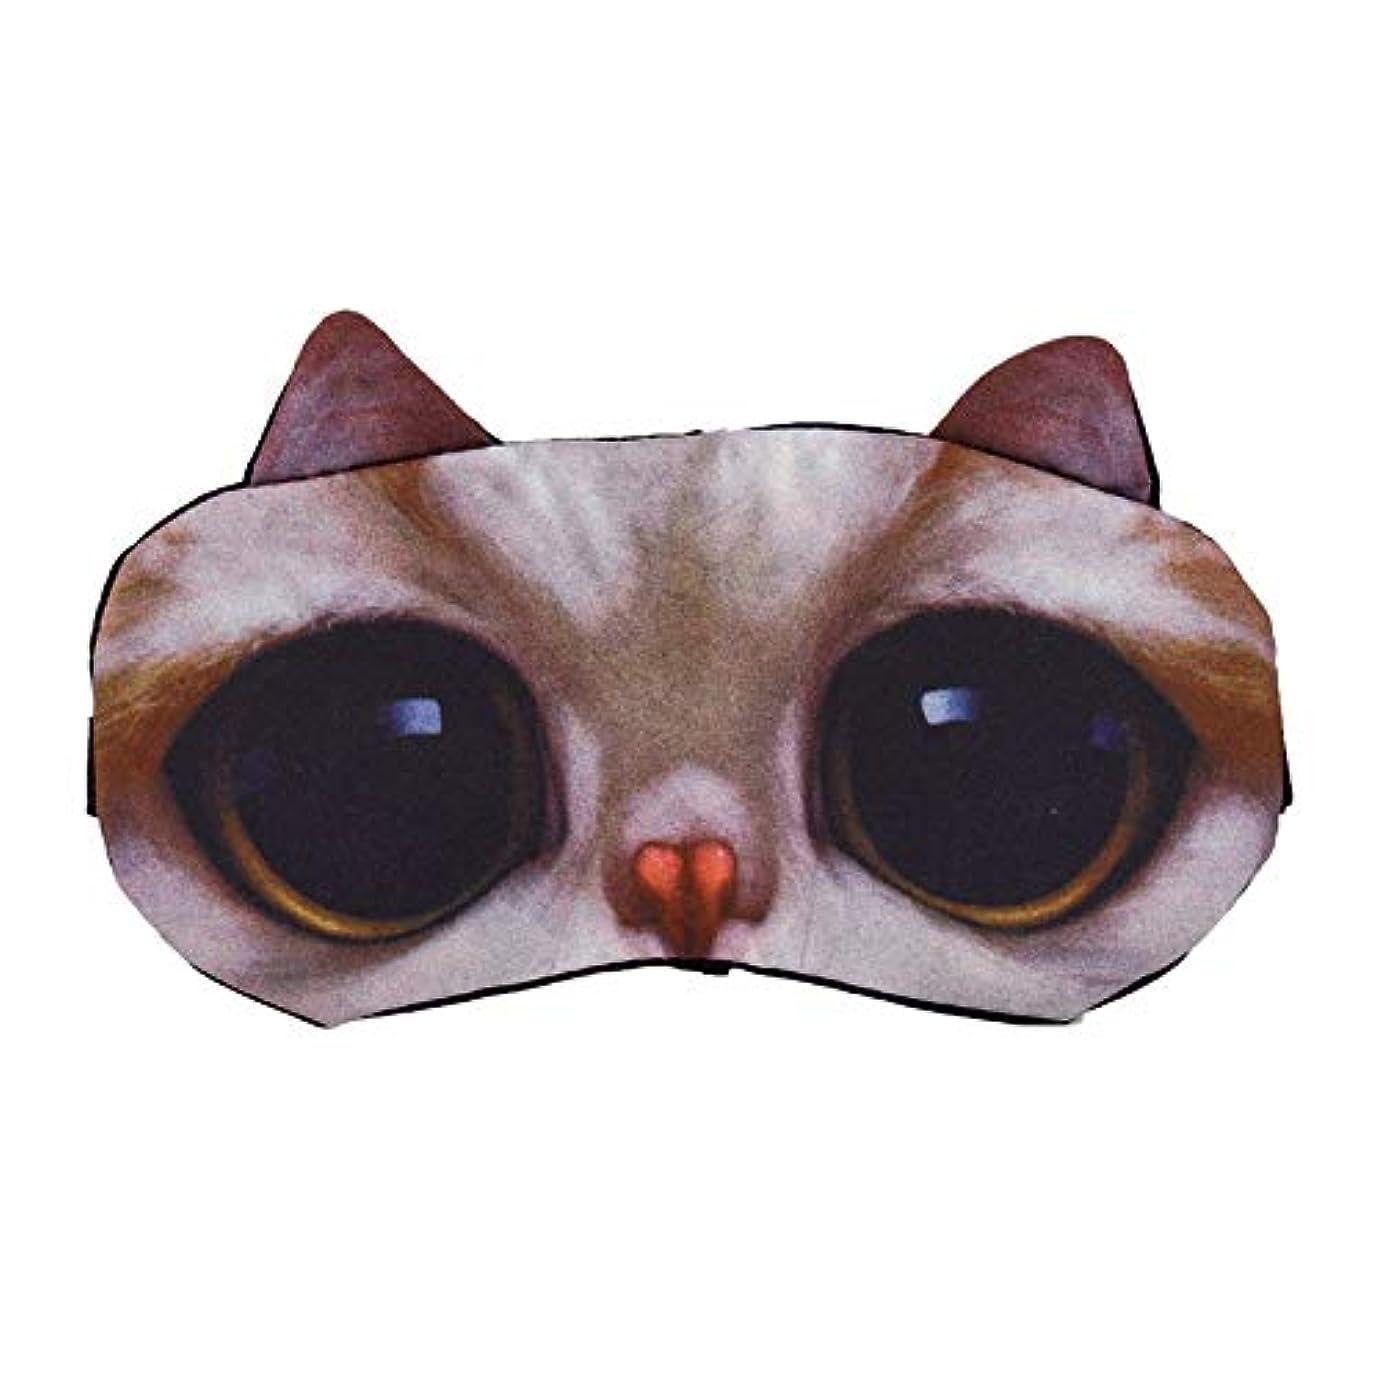 レベル接続詞地味なNOTE 3d漫画の動物のアイマスクかわいい旅行エイド睡眠残りシェード睡眠マスクカバーソフト睡眠マスク援助ナップシェードメイクアップアイケア